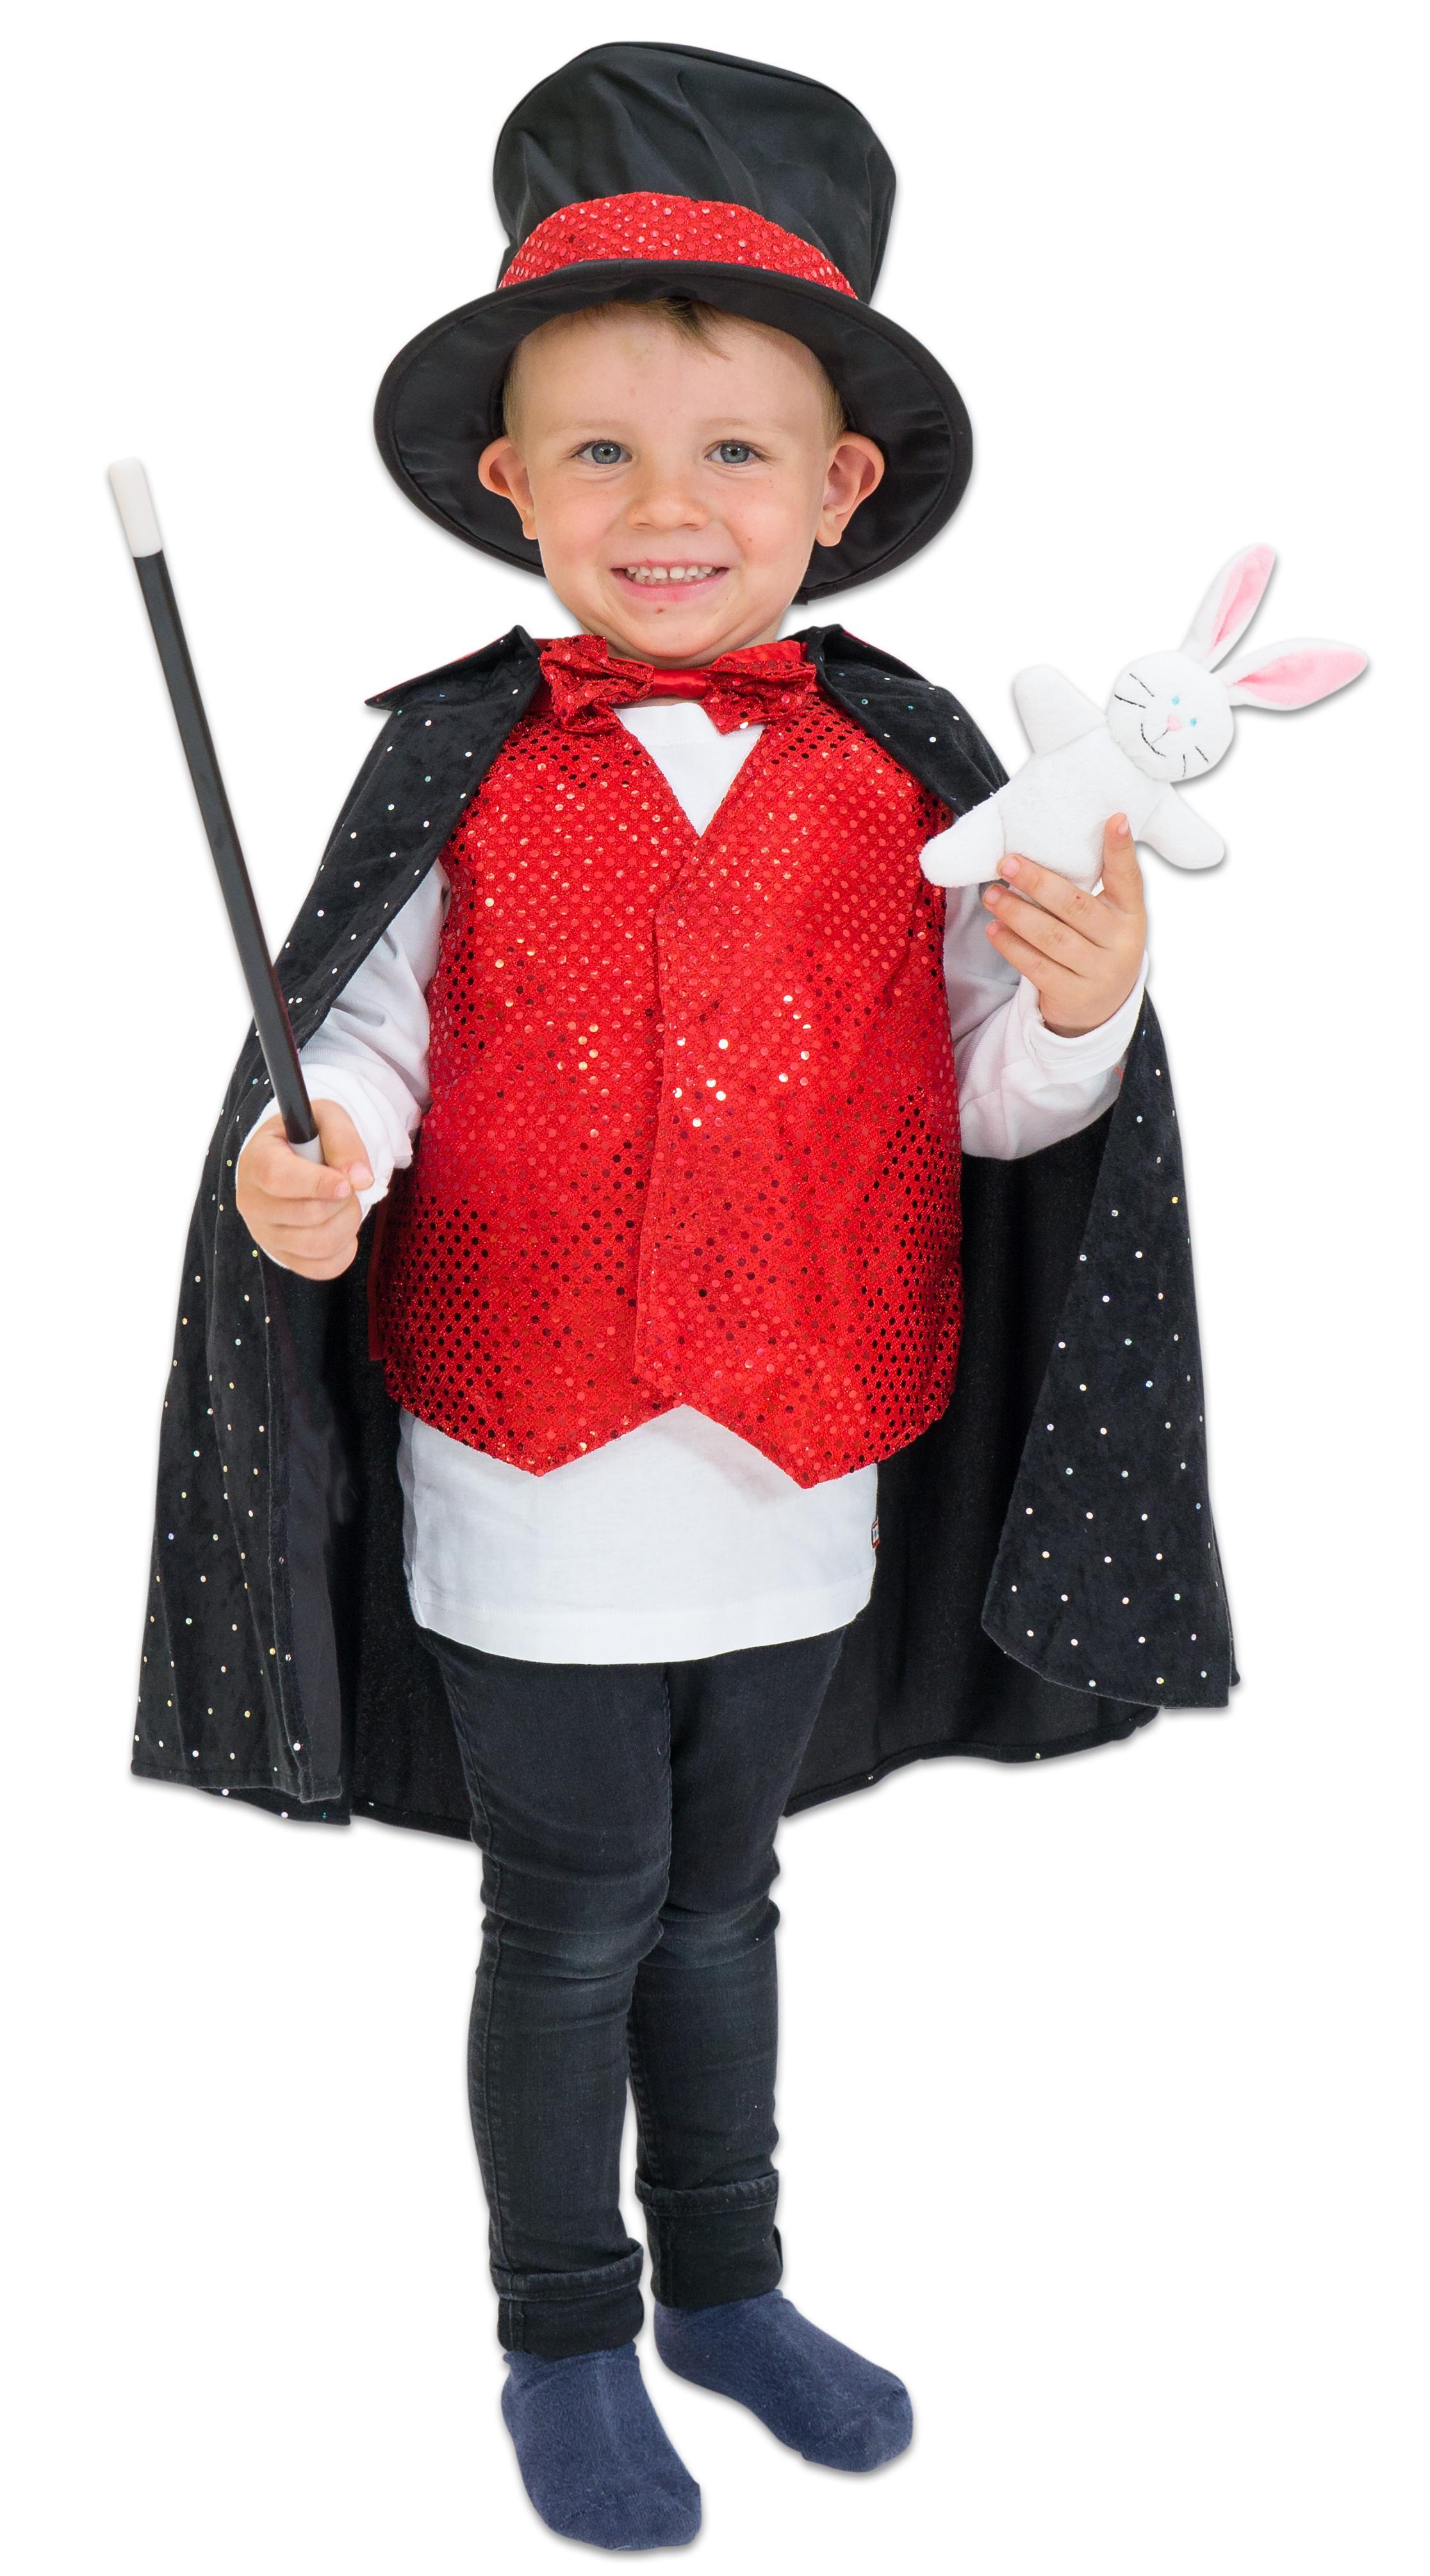 Zauberer Kostum Kinderkostum Theater Und Fasching Gr 104 128